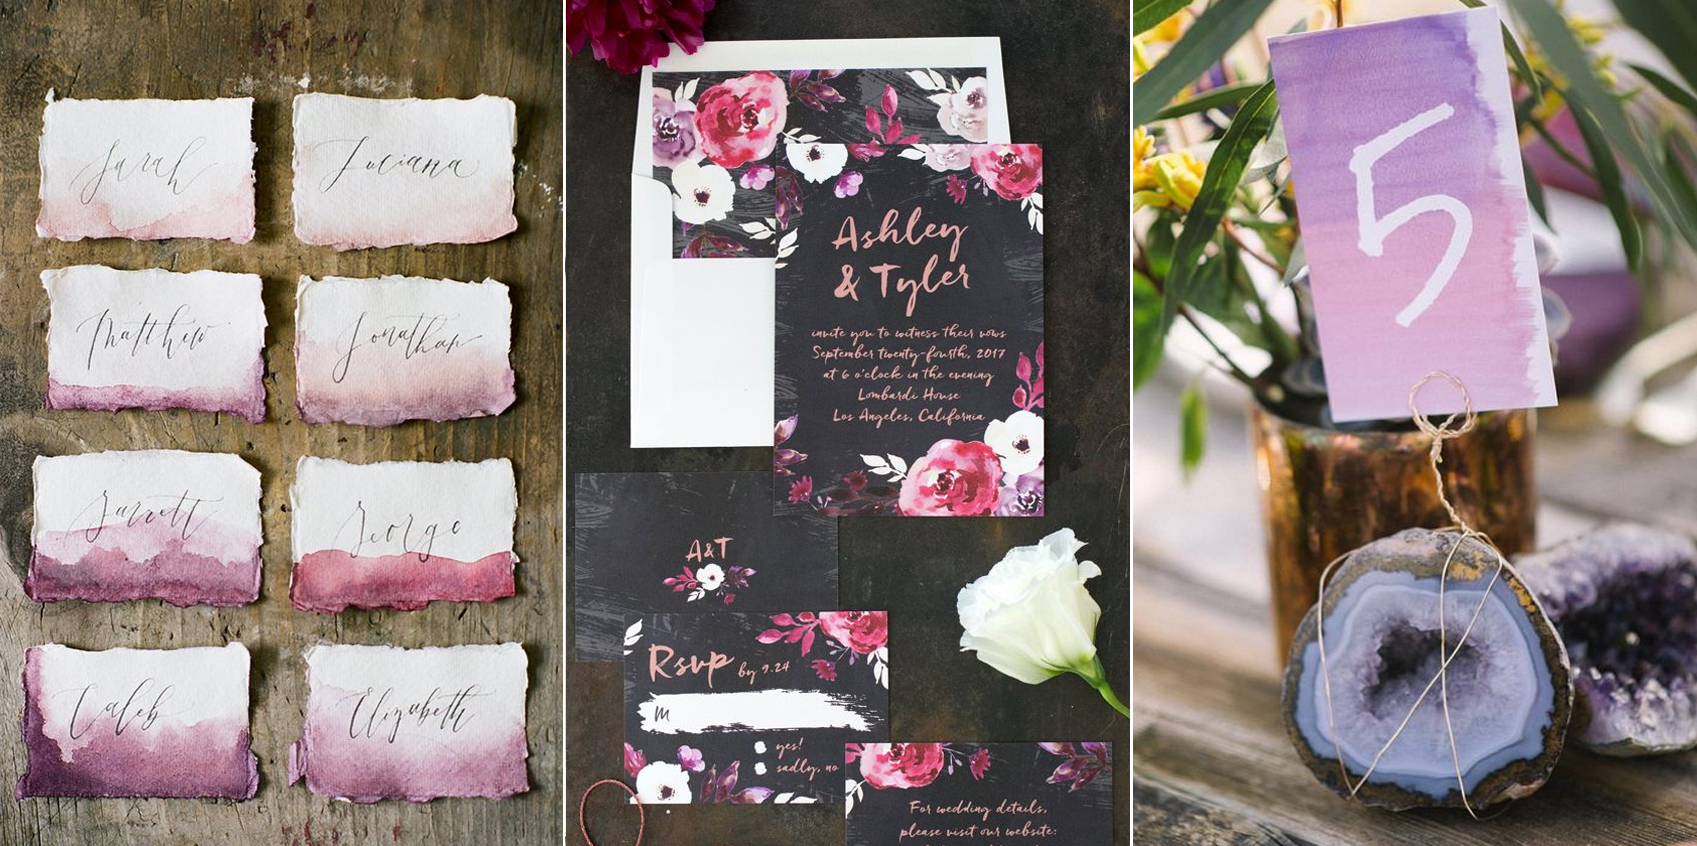 Papelería:  Wild Field Paper Co. ,  Elli  y  Whimsy Design Studio .